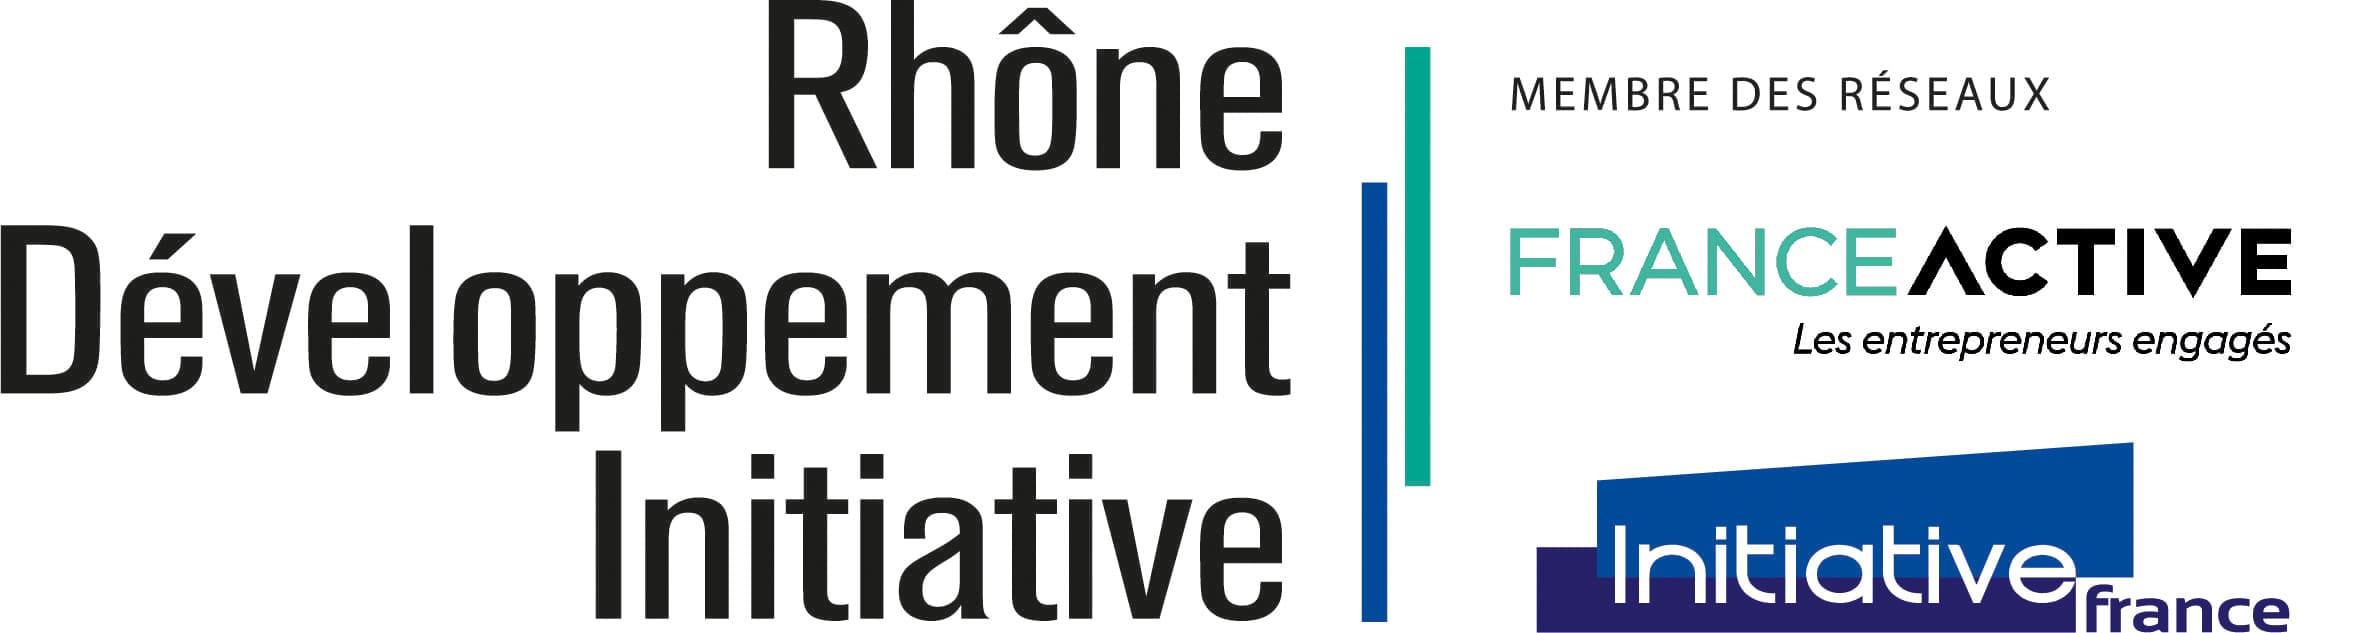 Rhone-Développement-Initiative